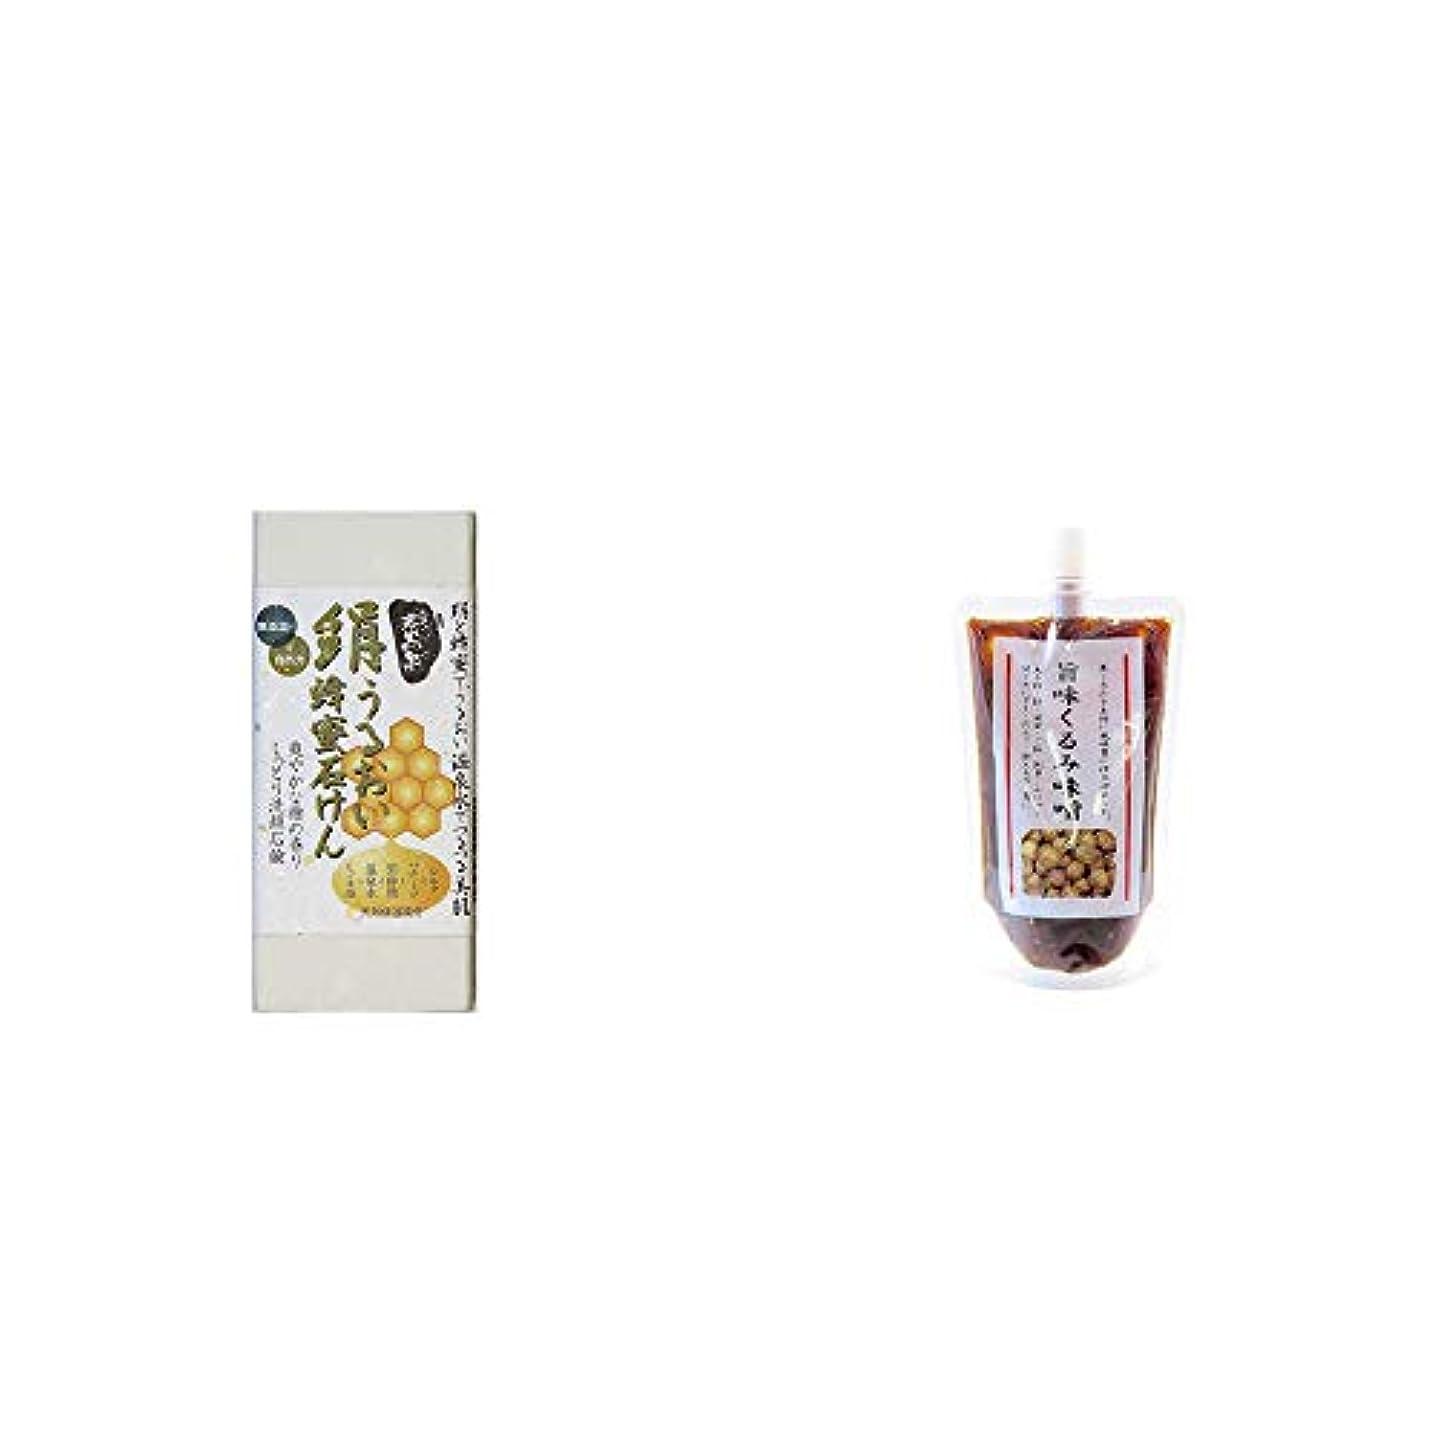 タウポ湖適合しましたミリメートル[2点セット] ひのき炭黒泉 絹うるおい蜂蜜石けん(75g×2)?旨味くるみ味噌(260g)